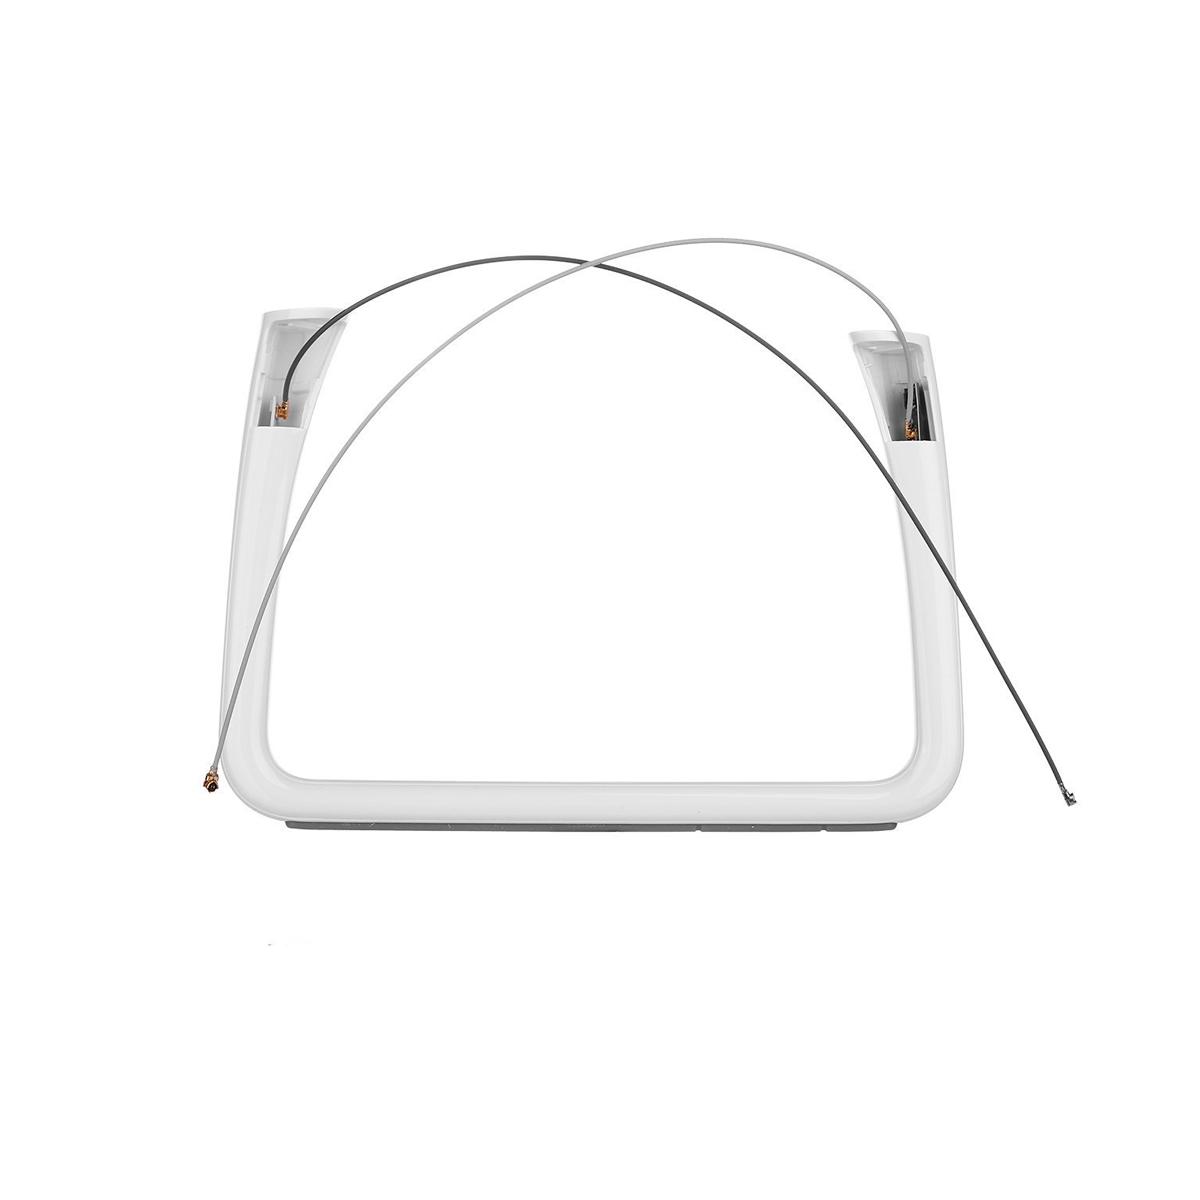 Посадочные шасси белые mavic air дешево купить виртуальные очки алиэкспресс в мурманск